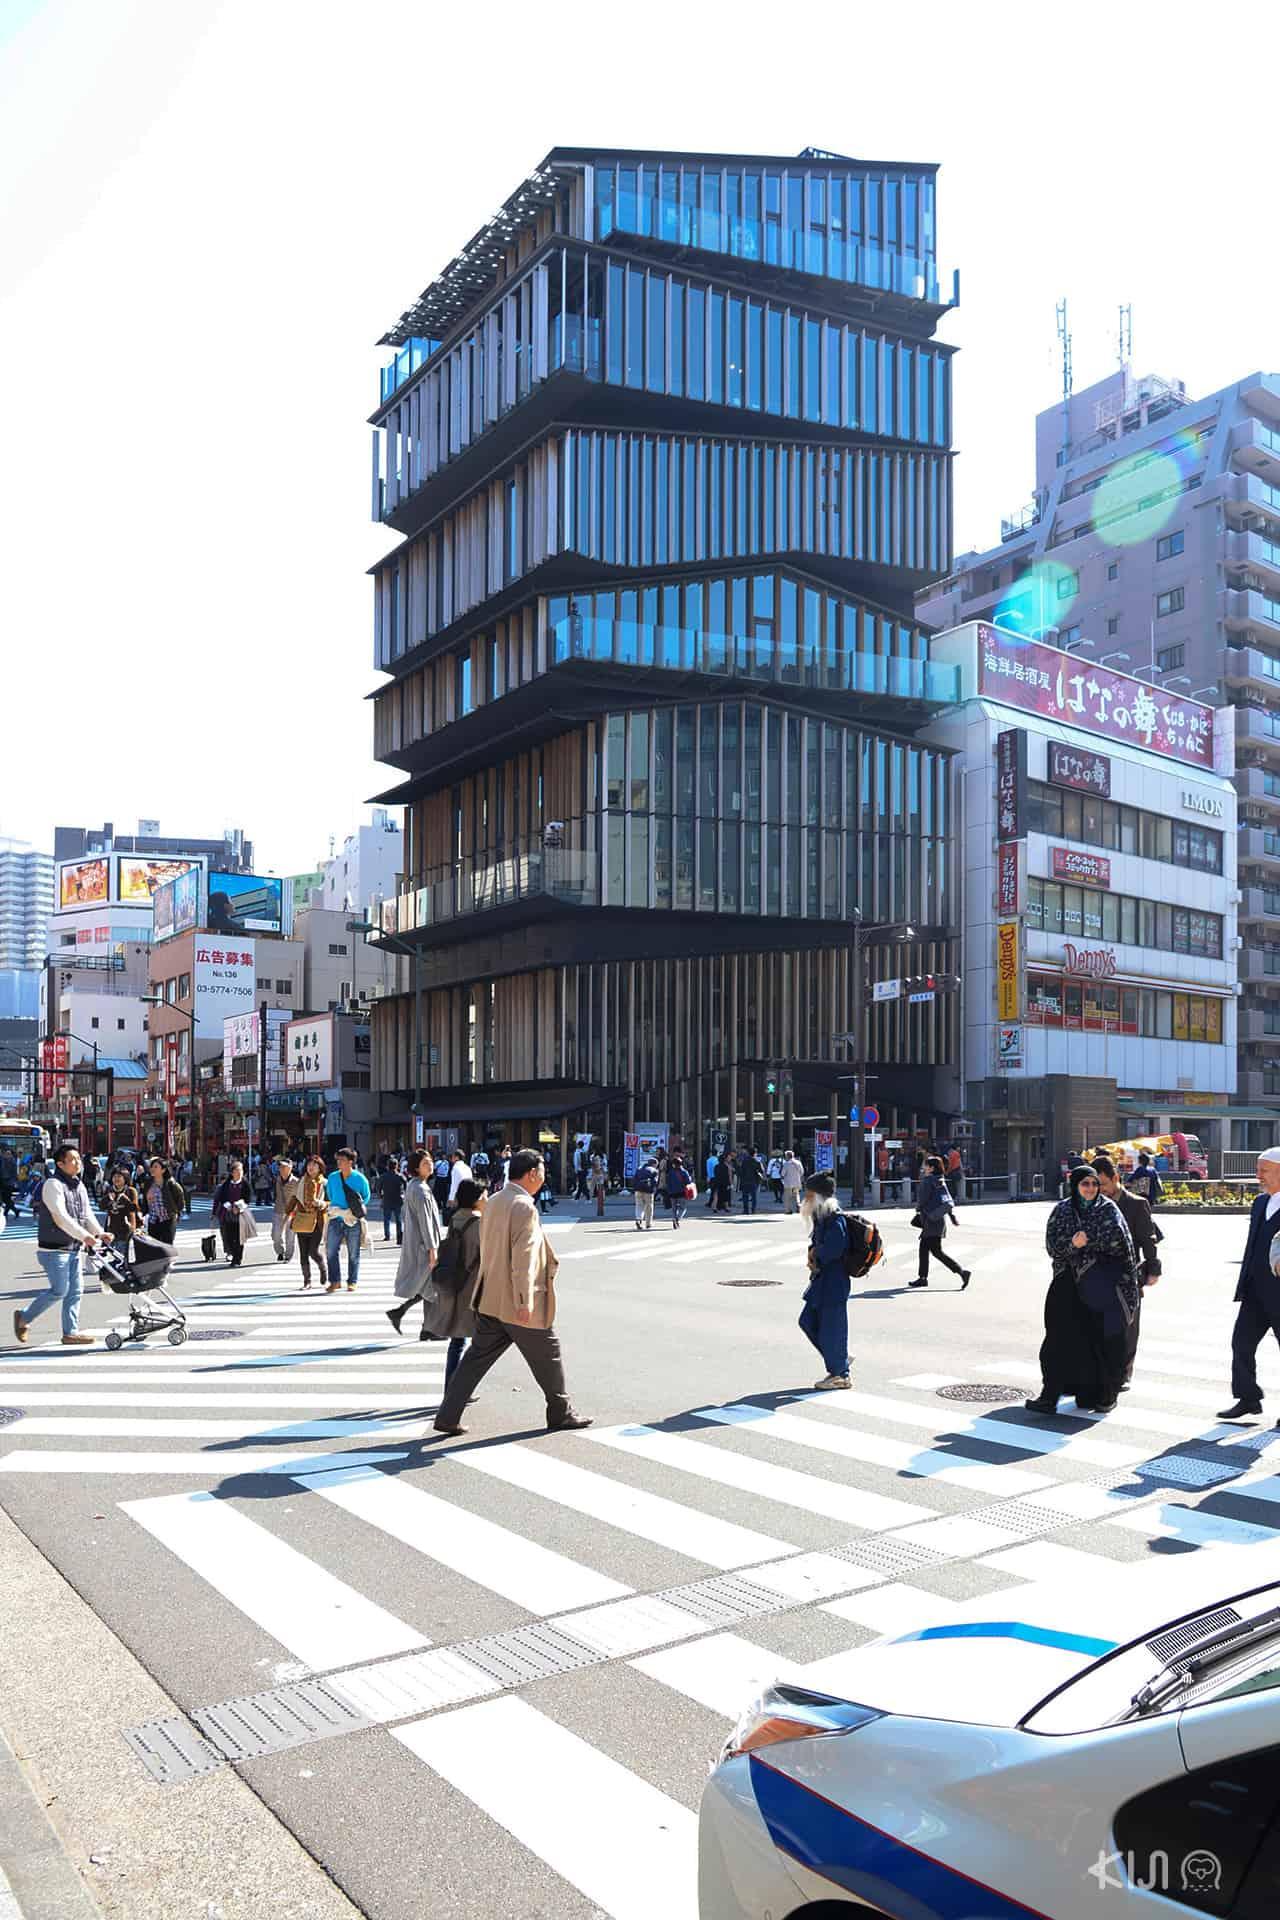 ศูนย์บริการนักท่องเที่ยว Asakusa Culture Tourist Information Center